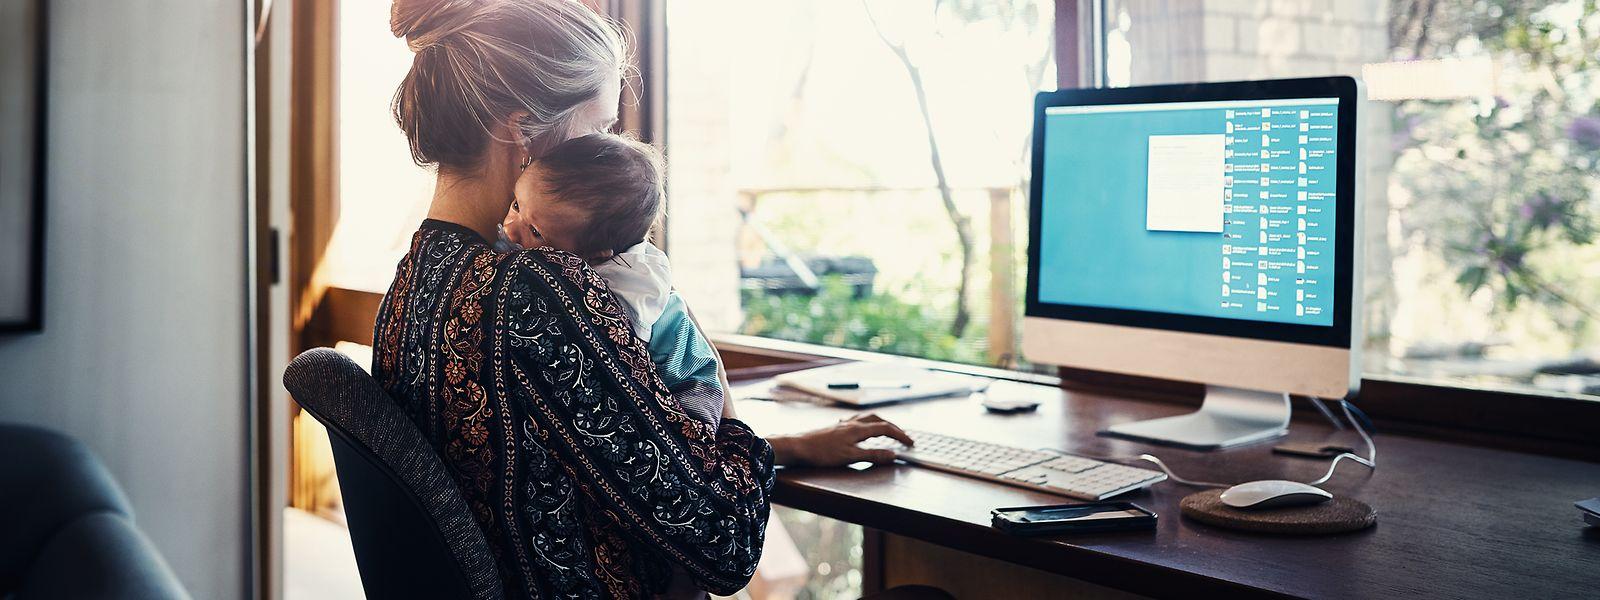 Familienpflichten gehen zu Lasten der Fraueneinkünfte und bremsen ihre Karrierechancen.